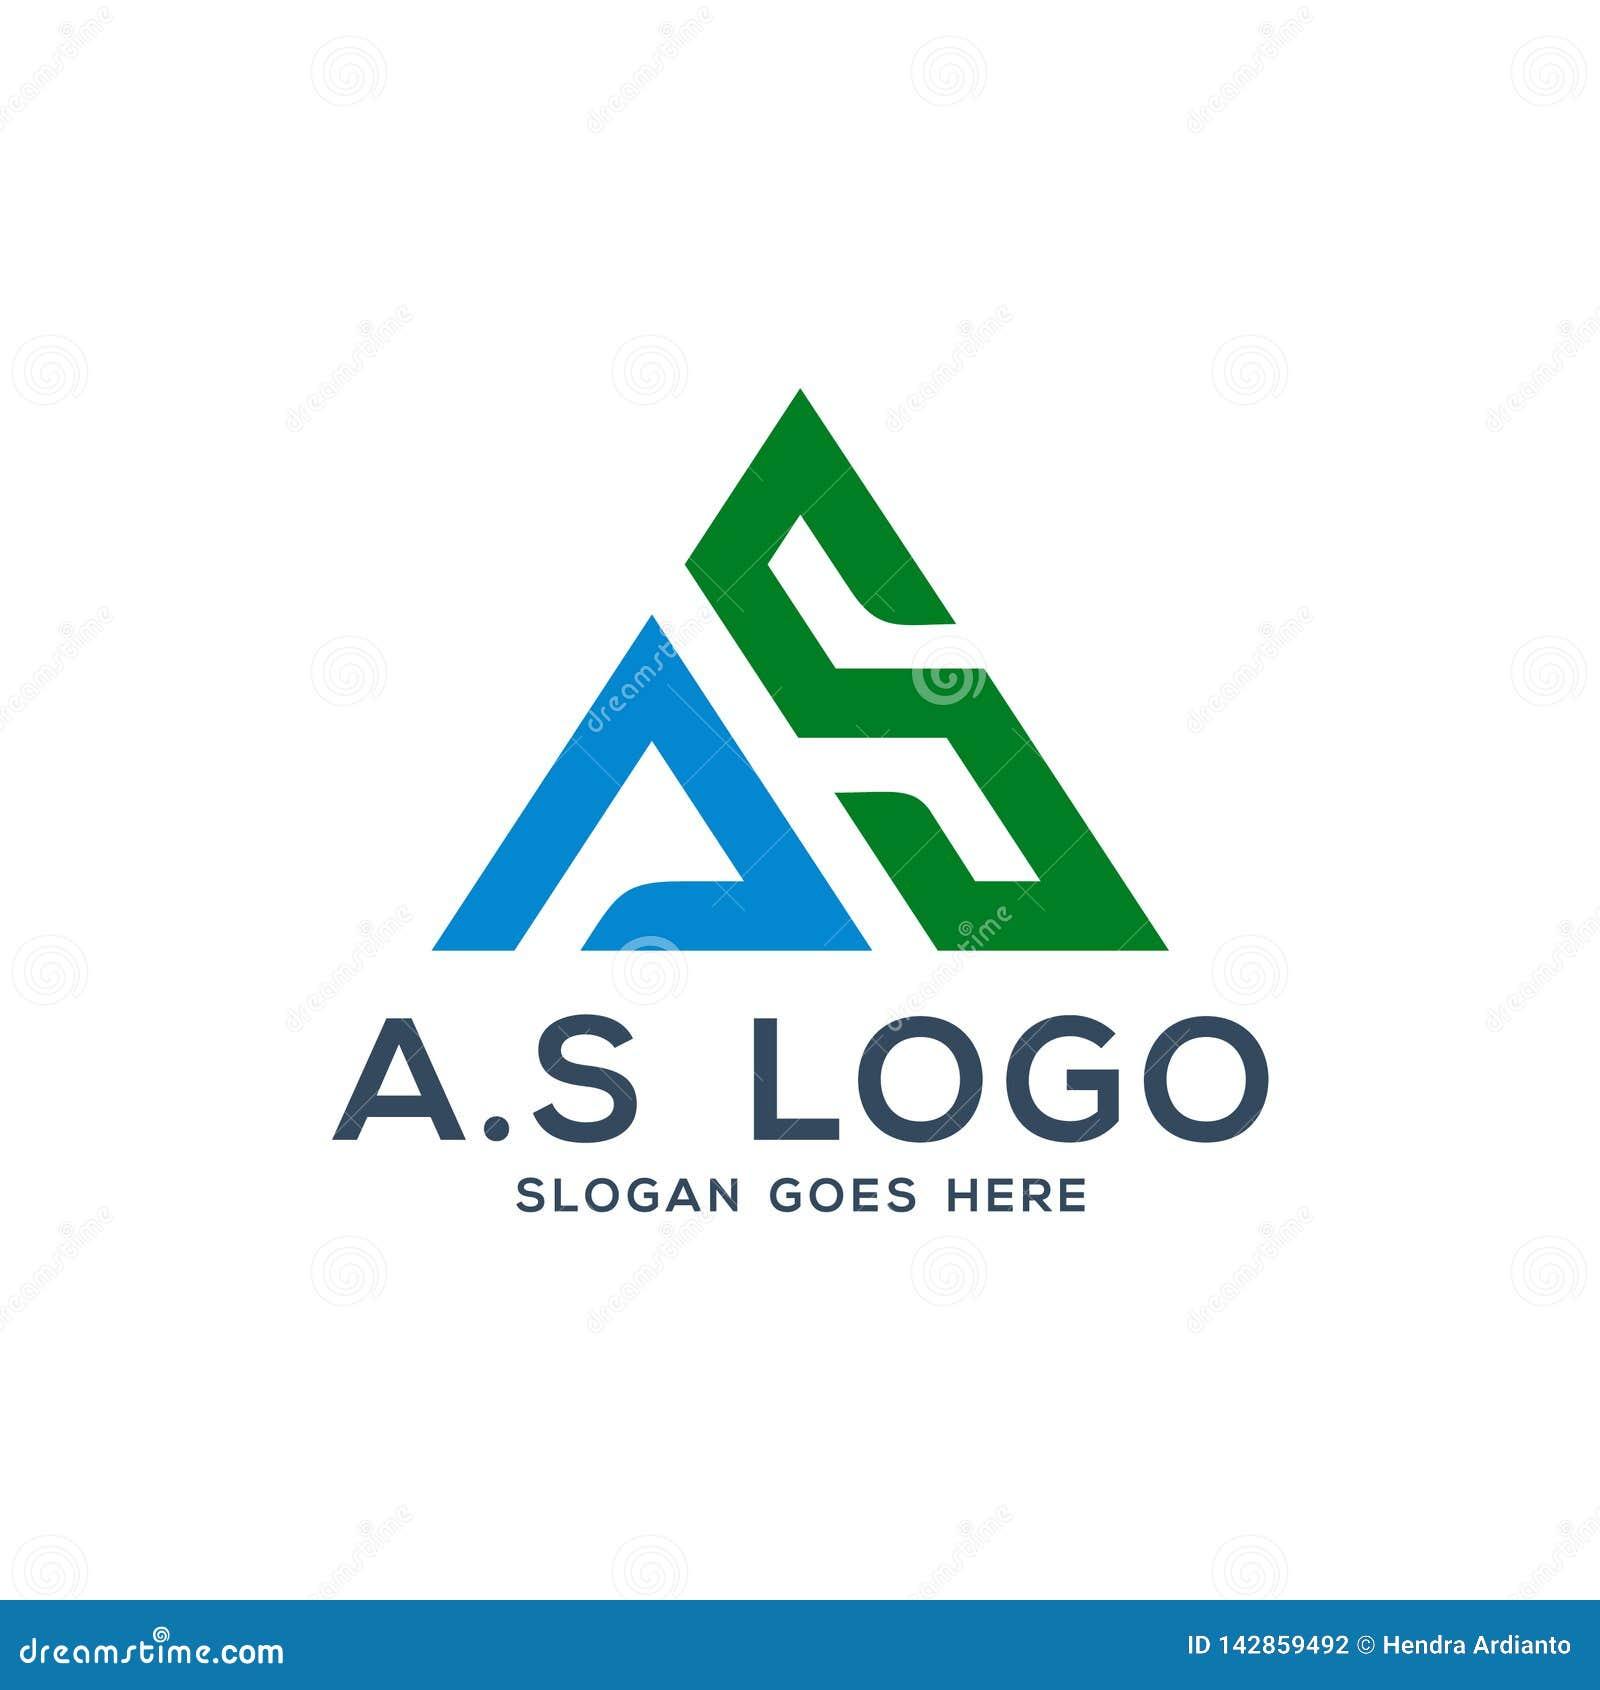 A il concep di logo di s, sigla a titolo dimostrativo